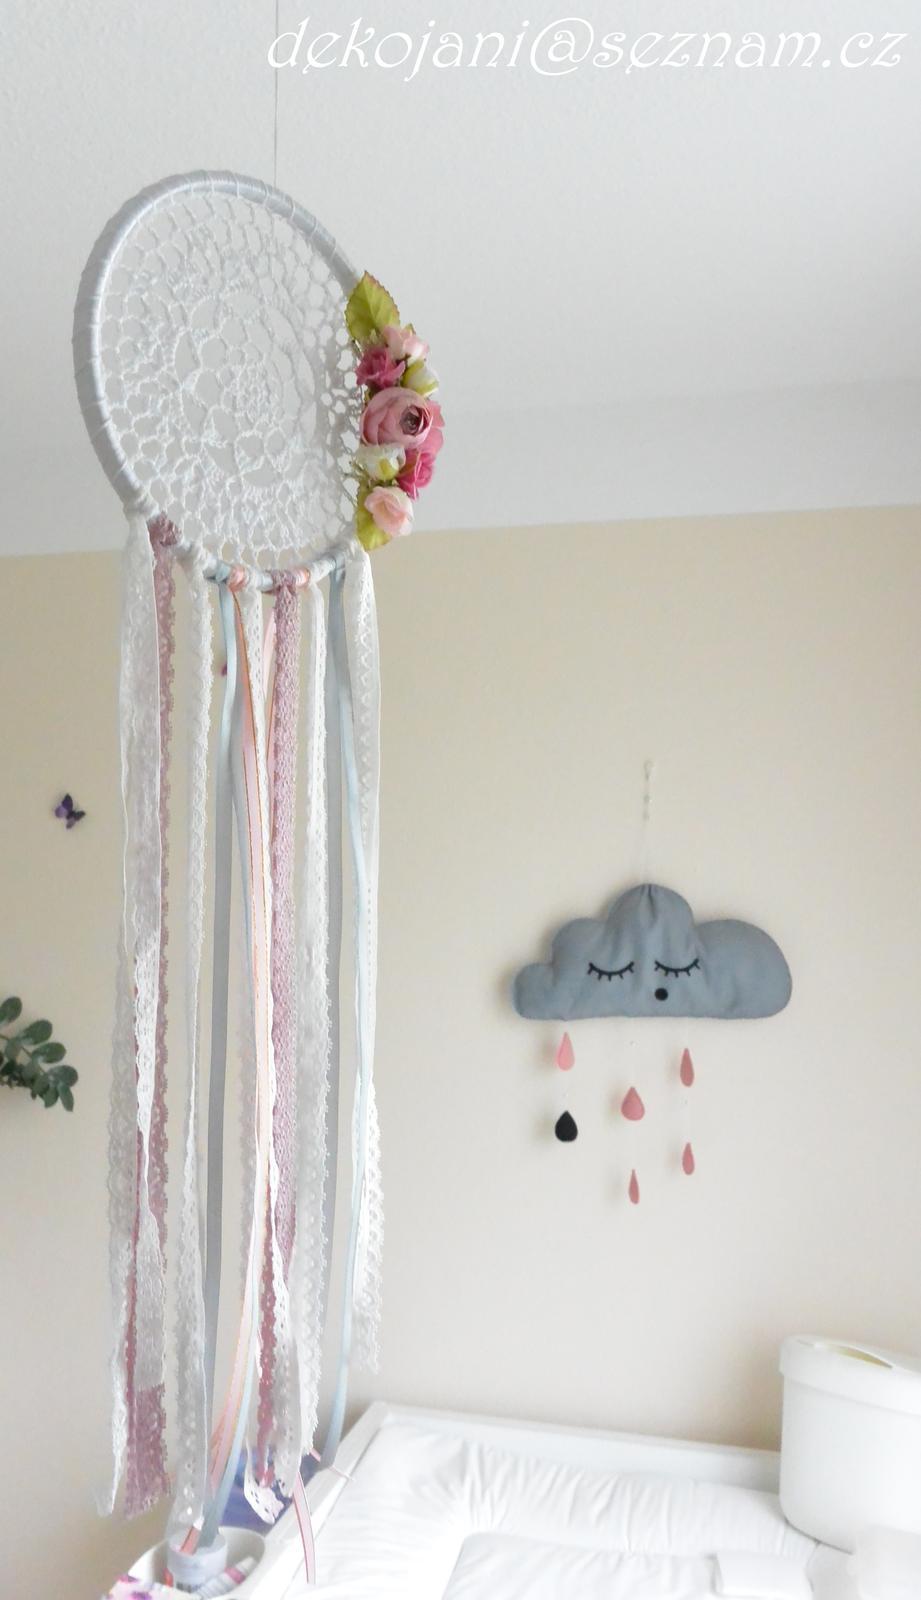 Dekorativní lapač snů - Obrázek č. 1